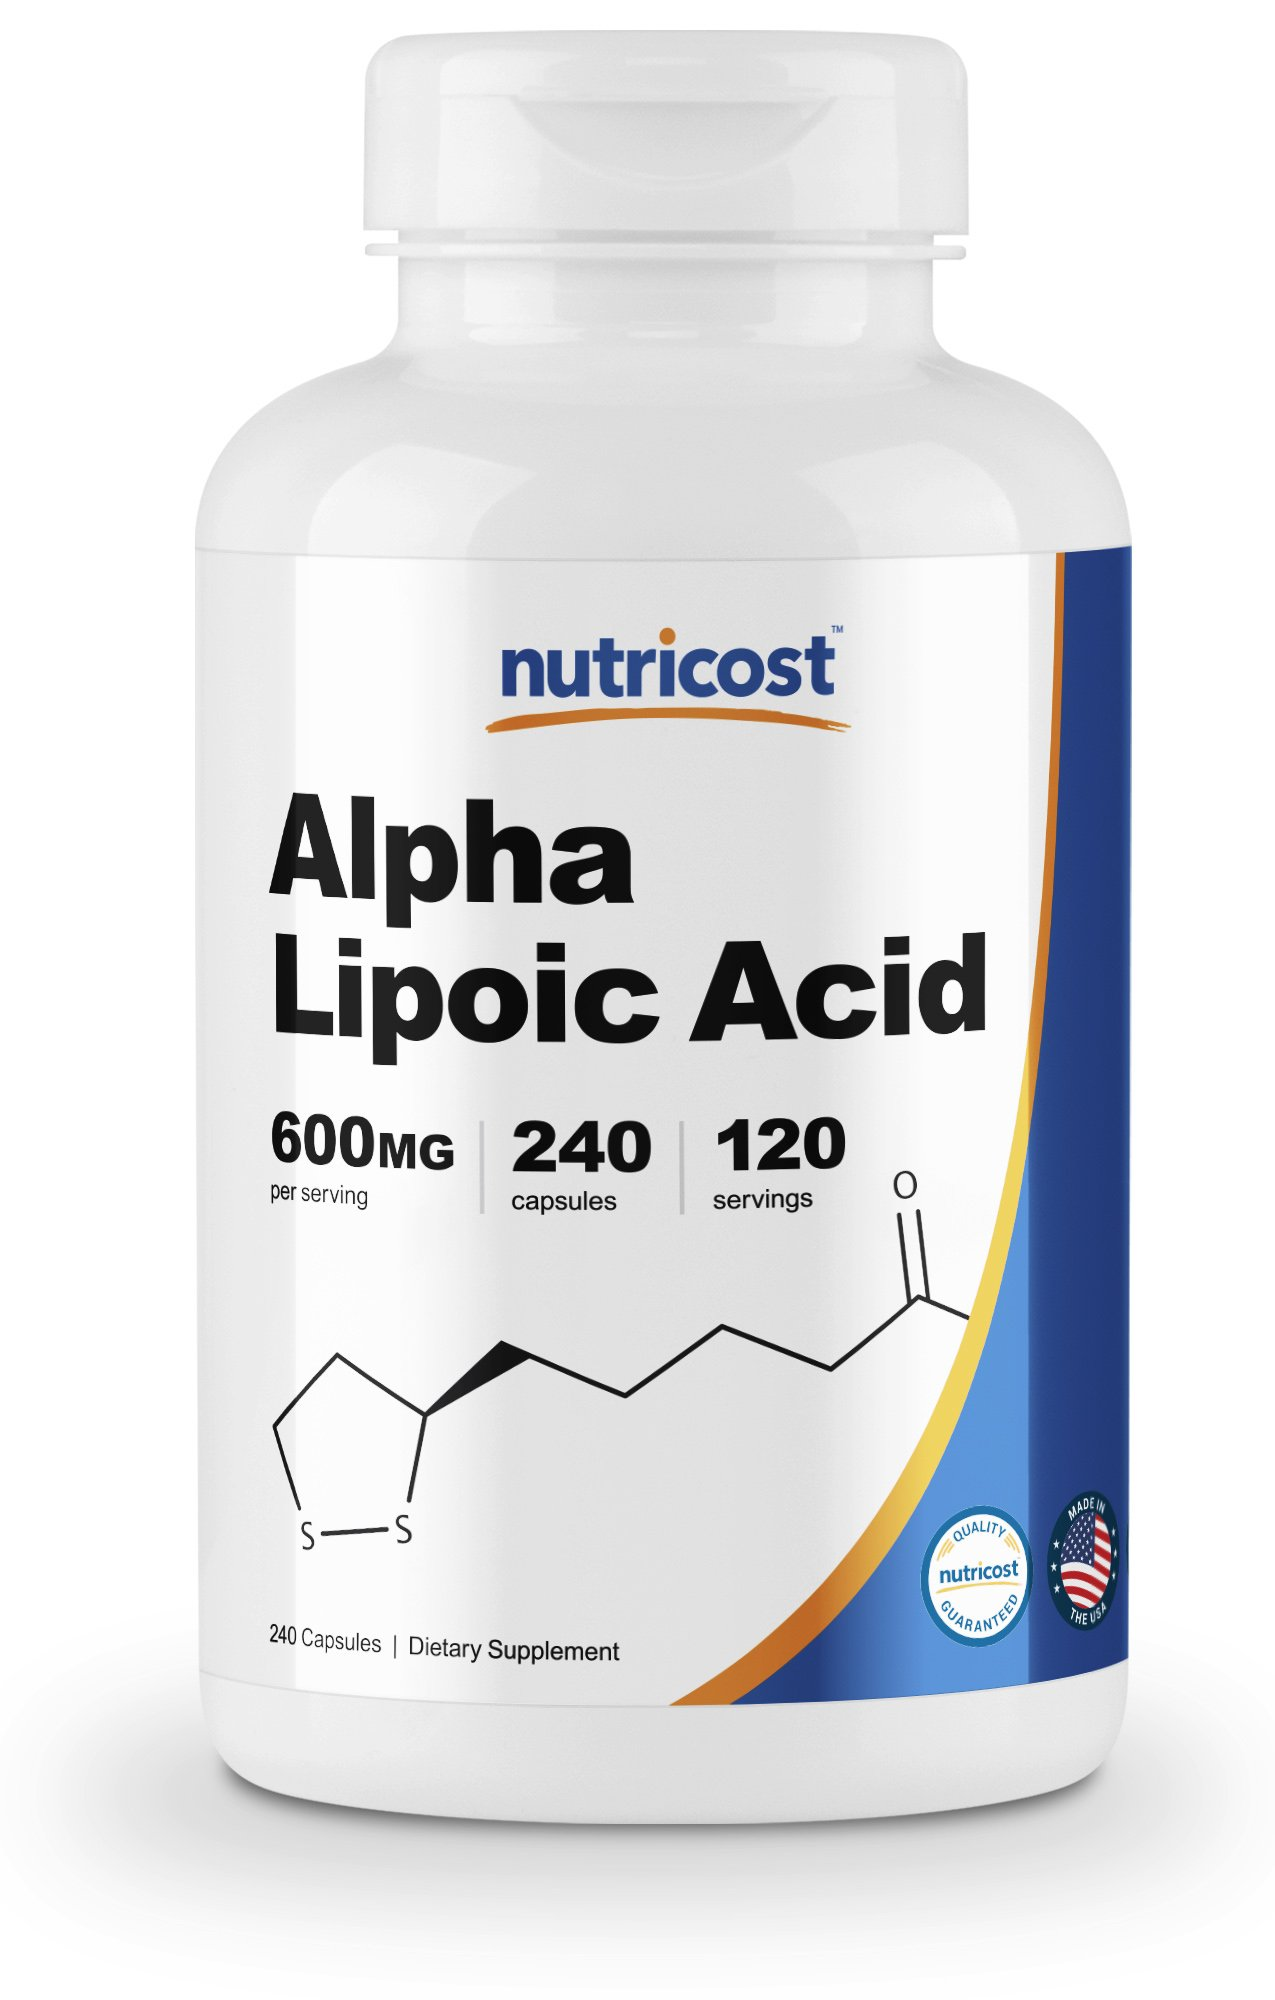 Nutricost Alpha Lipoic Acid - 600mg Per Serving - 240 Capsules - Gluten Free & Non-GMO